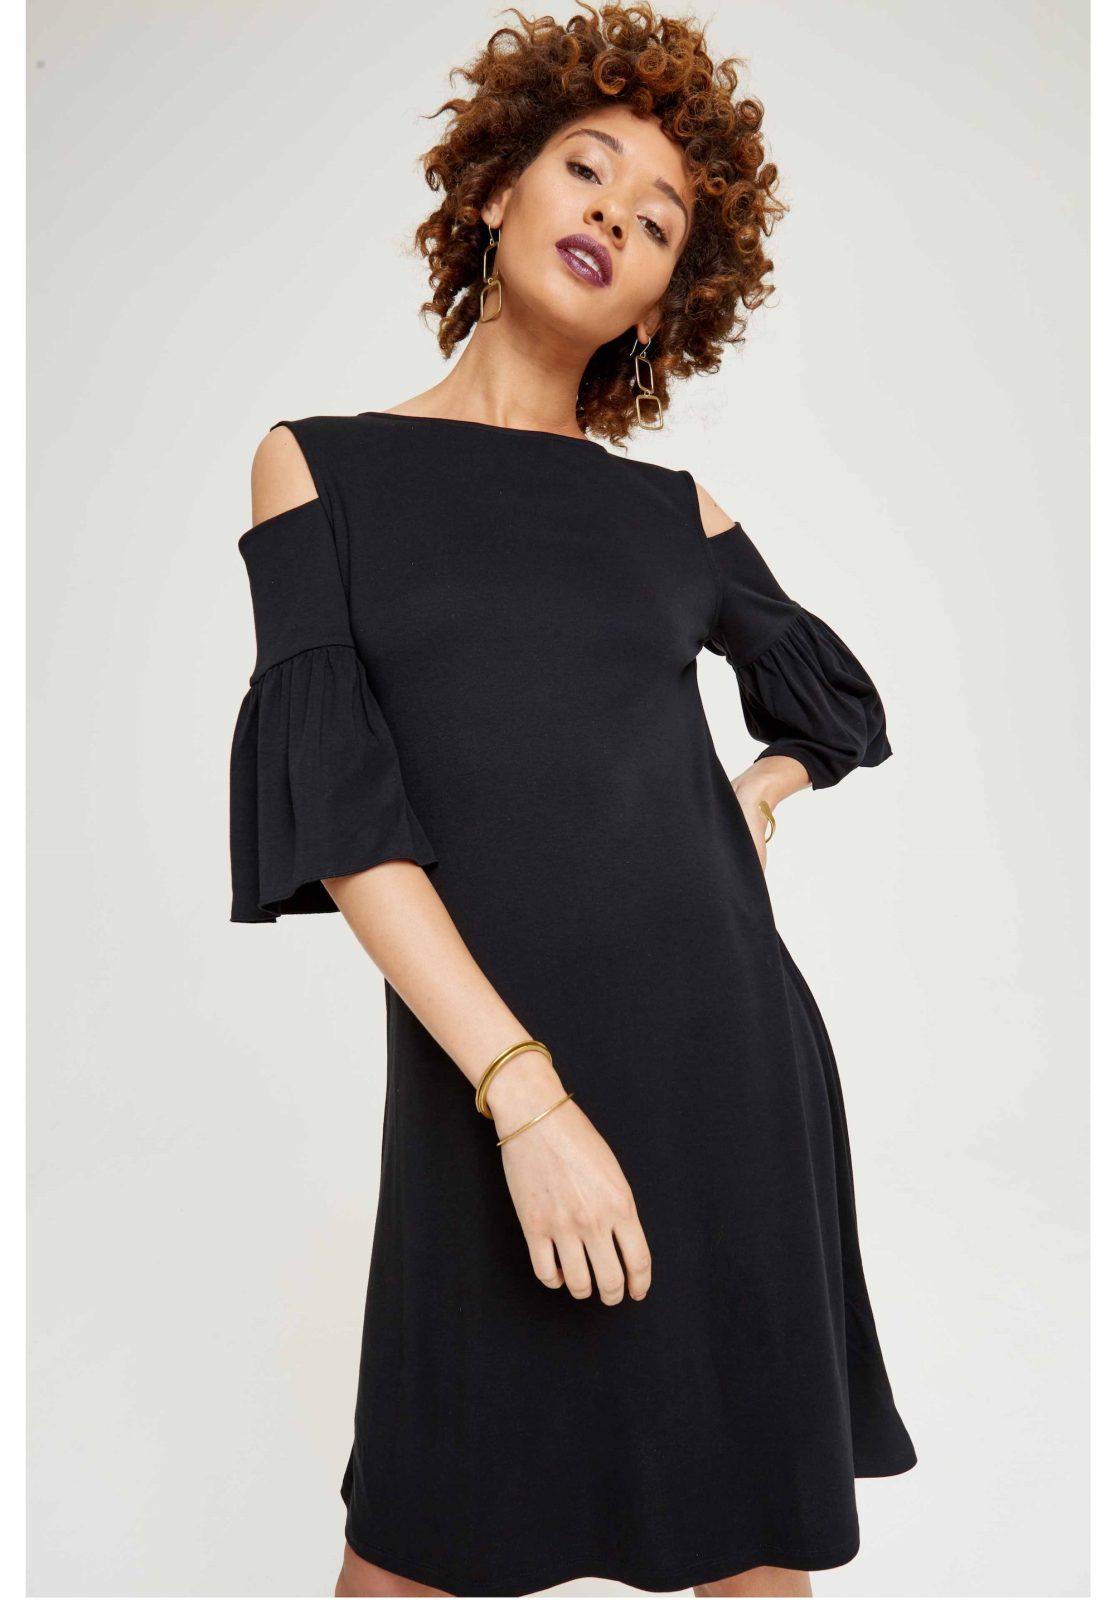 Nieuw Waar koop je eerlijke en duurzame kleding voor een feestje? - OneWorld CR-57